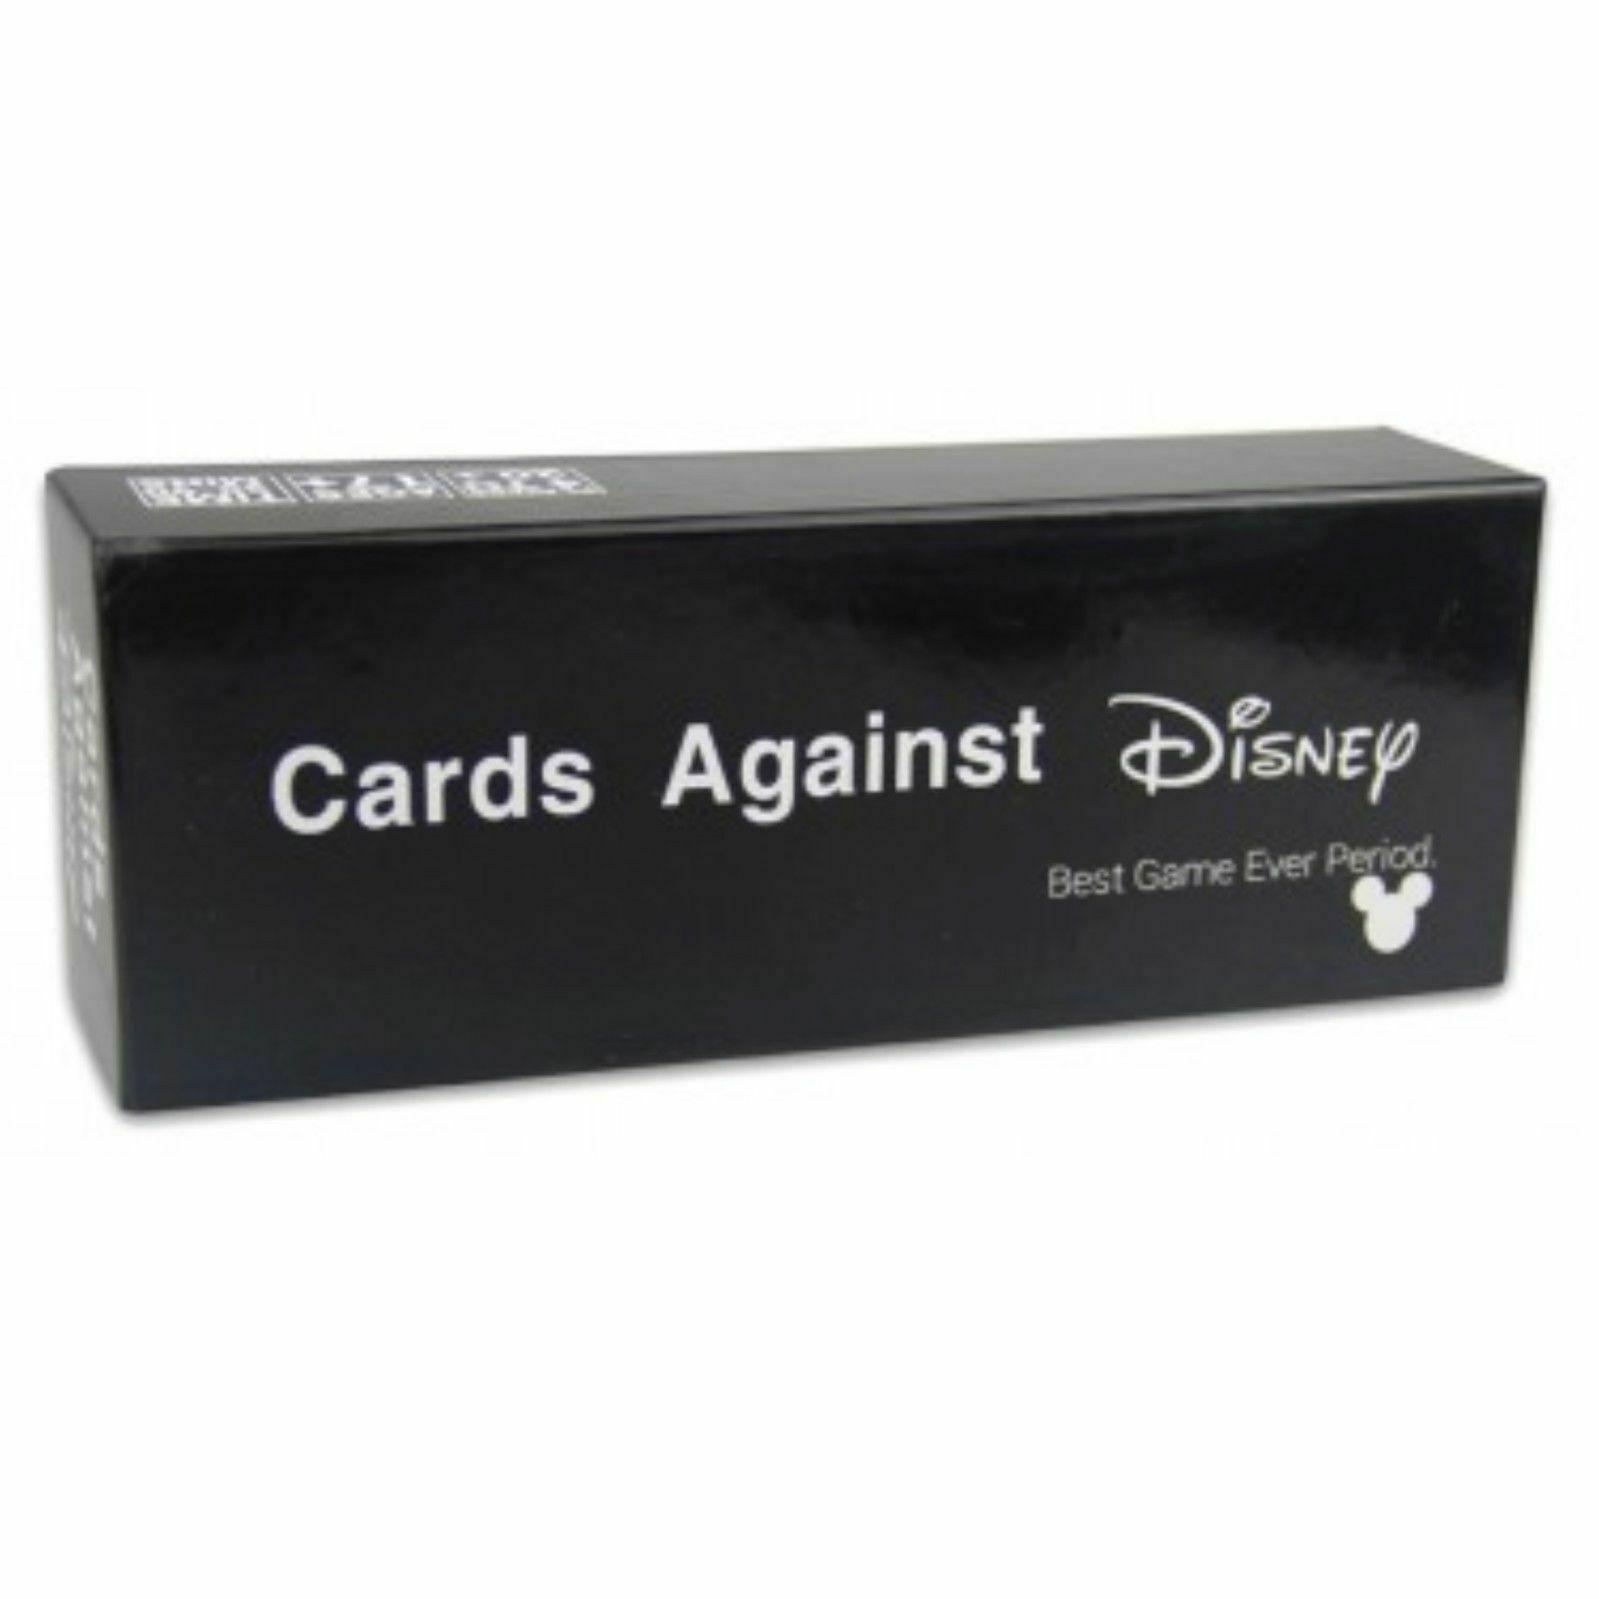 Preto Edição 2 Pack * Cards Against Disney//Cards Against Humanity Disney Vermelho